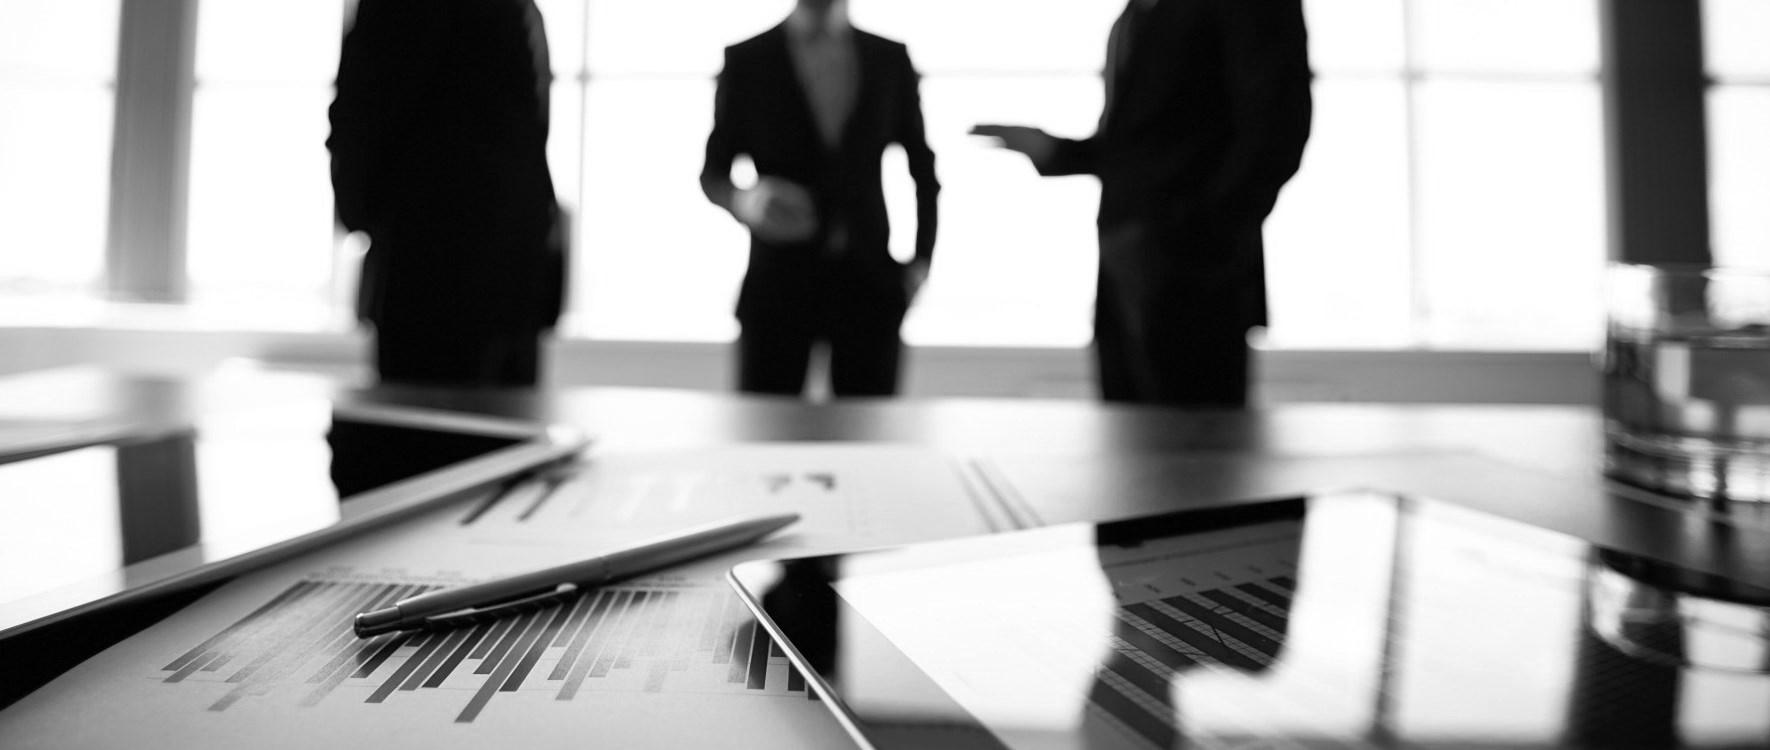 Newsletter - Le novità introdotte dal decreto di attuazione della direttiva PIF e la recente riforma dell'abuso d'ufficio ad opera del cd. Decreto semplificazioni